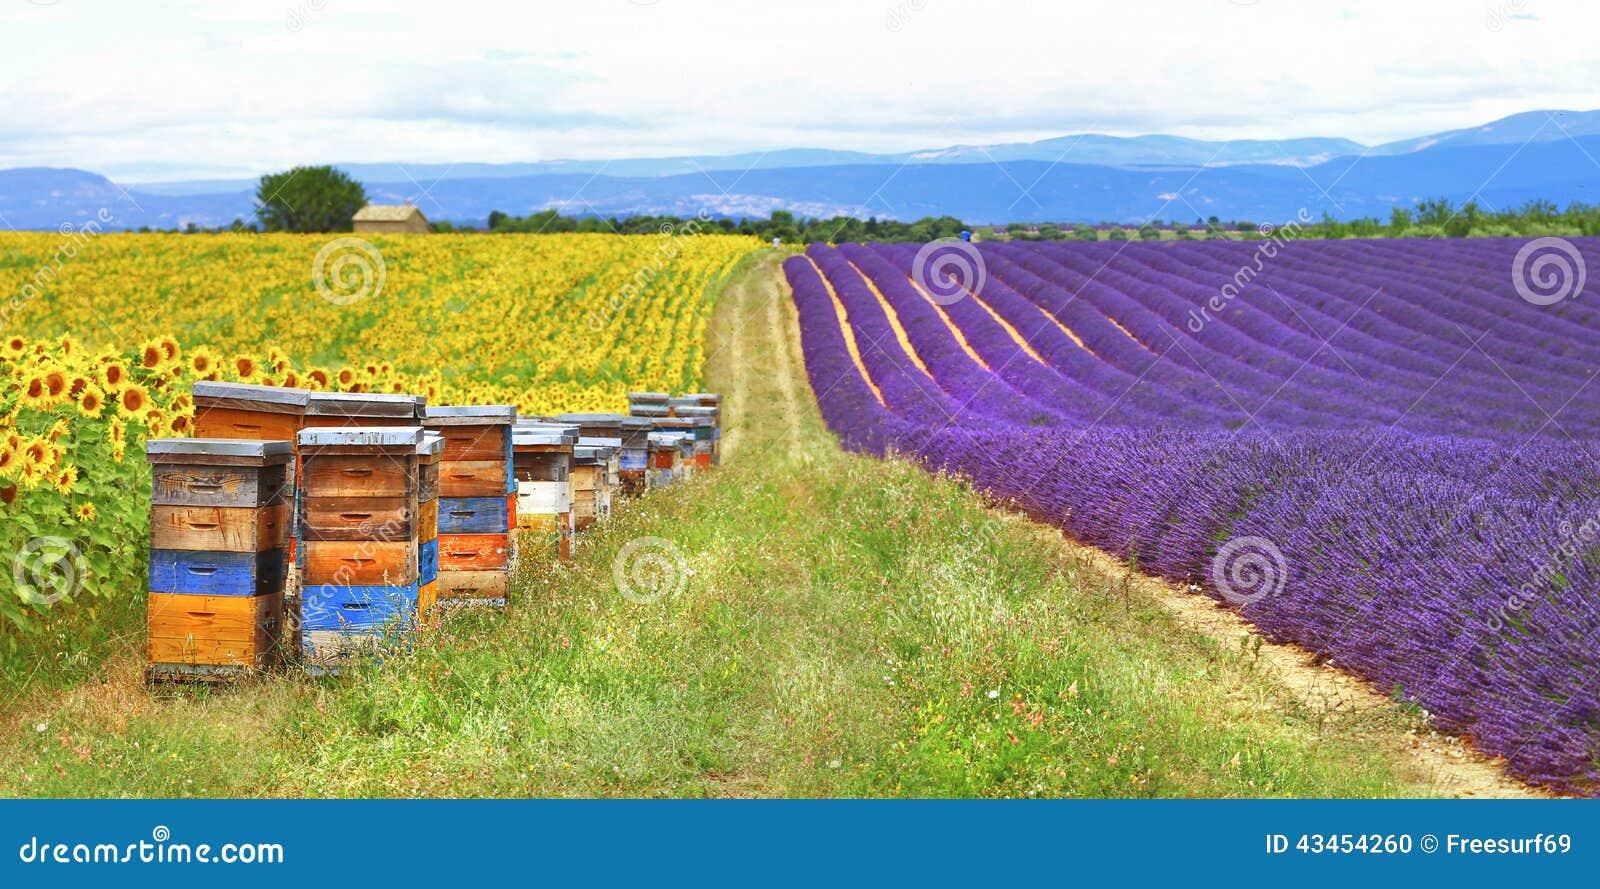 Провансаль, Франция, сельская местность